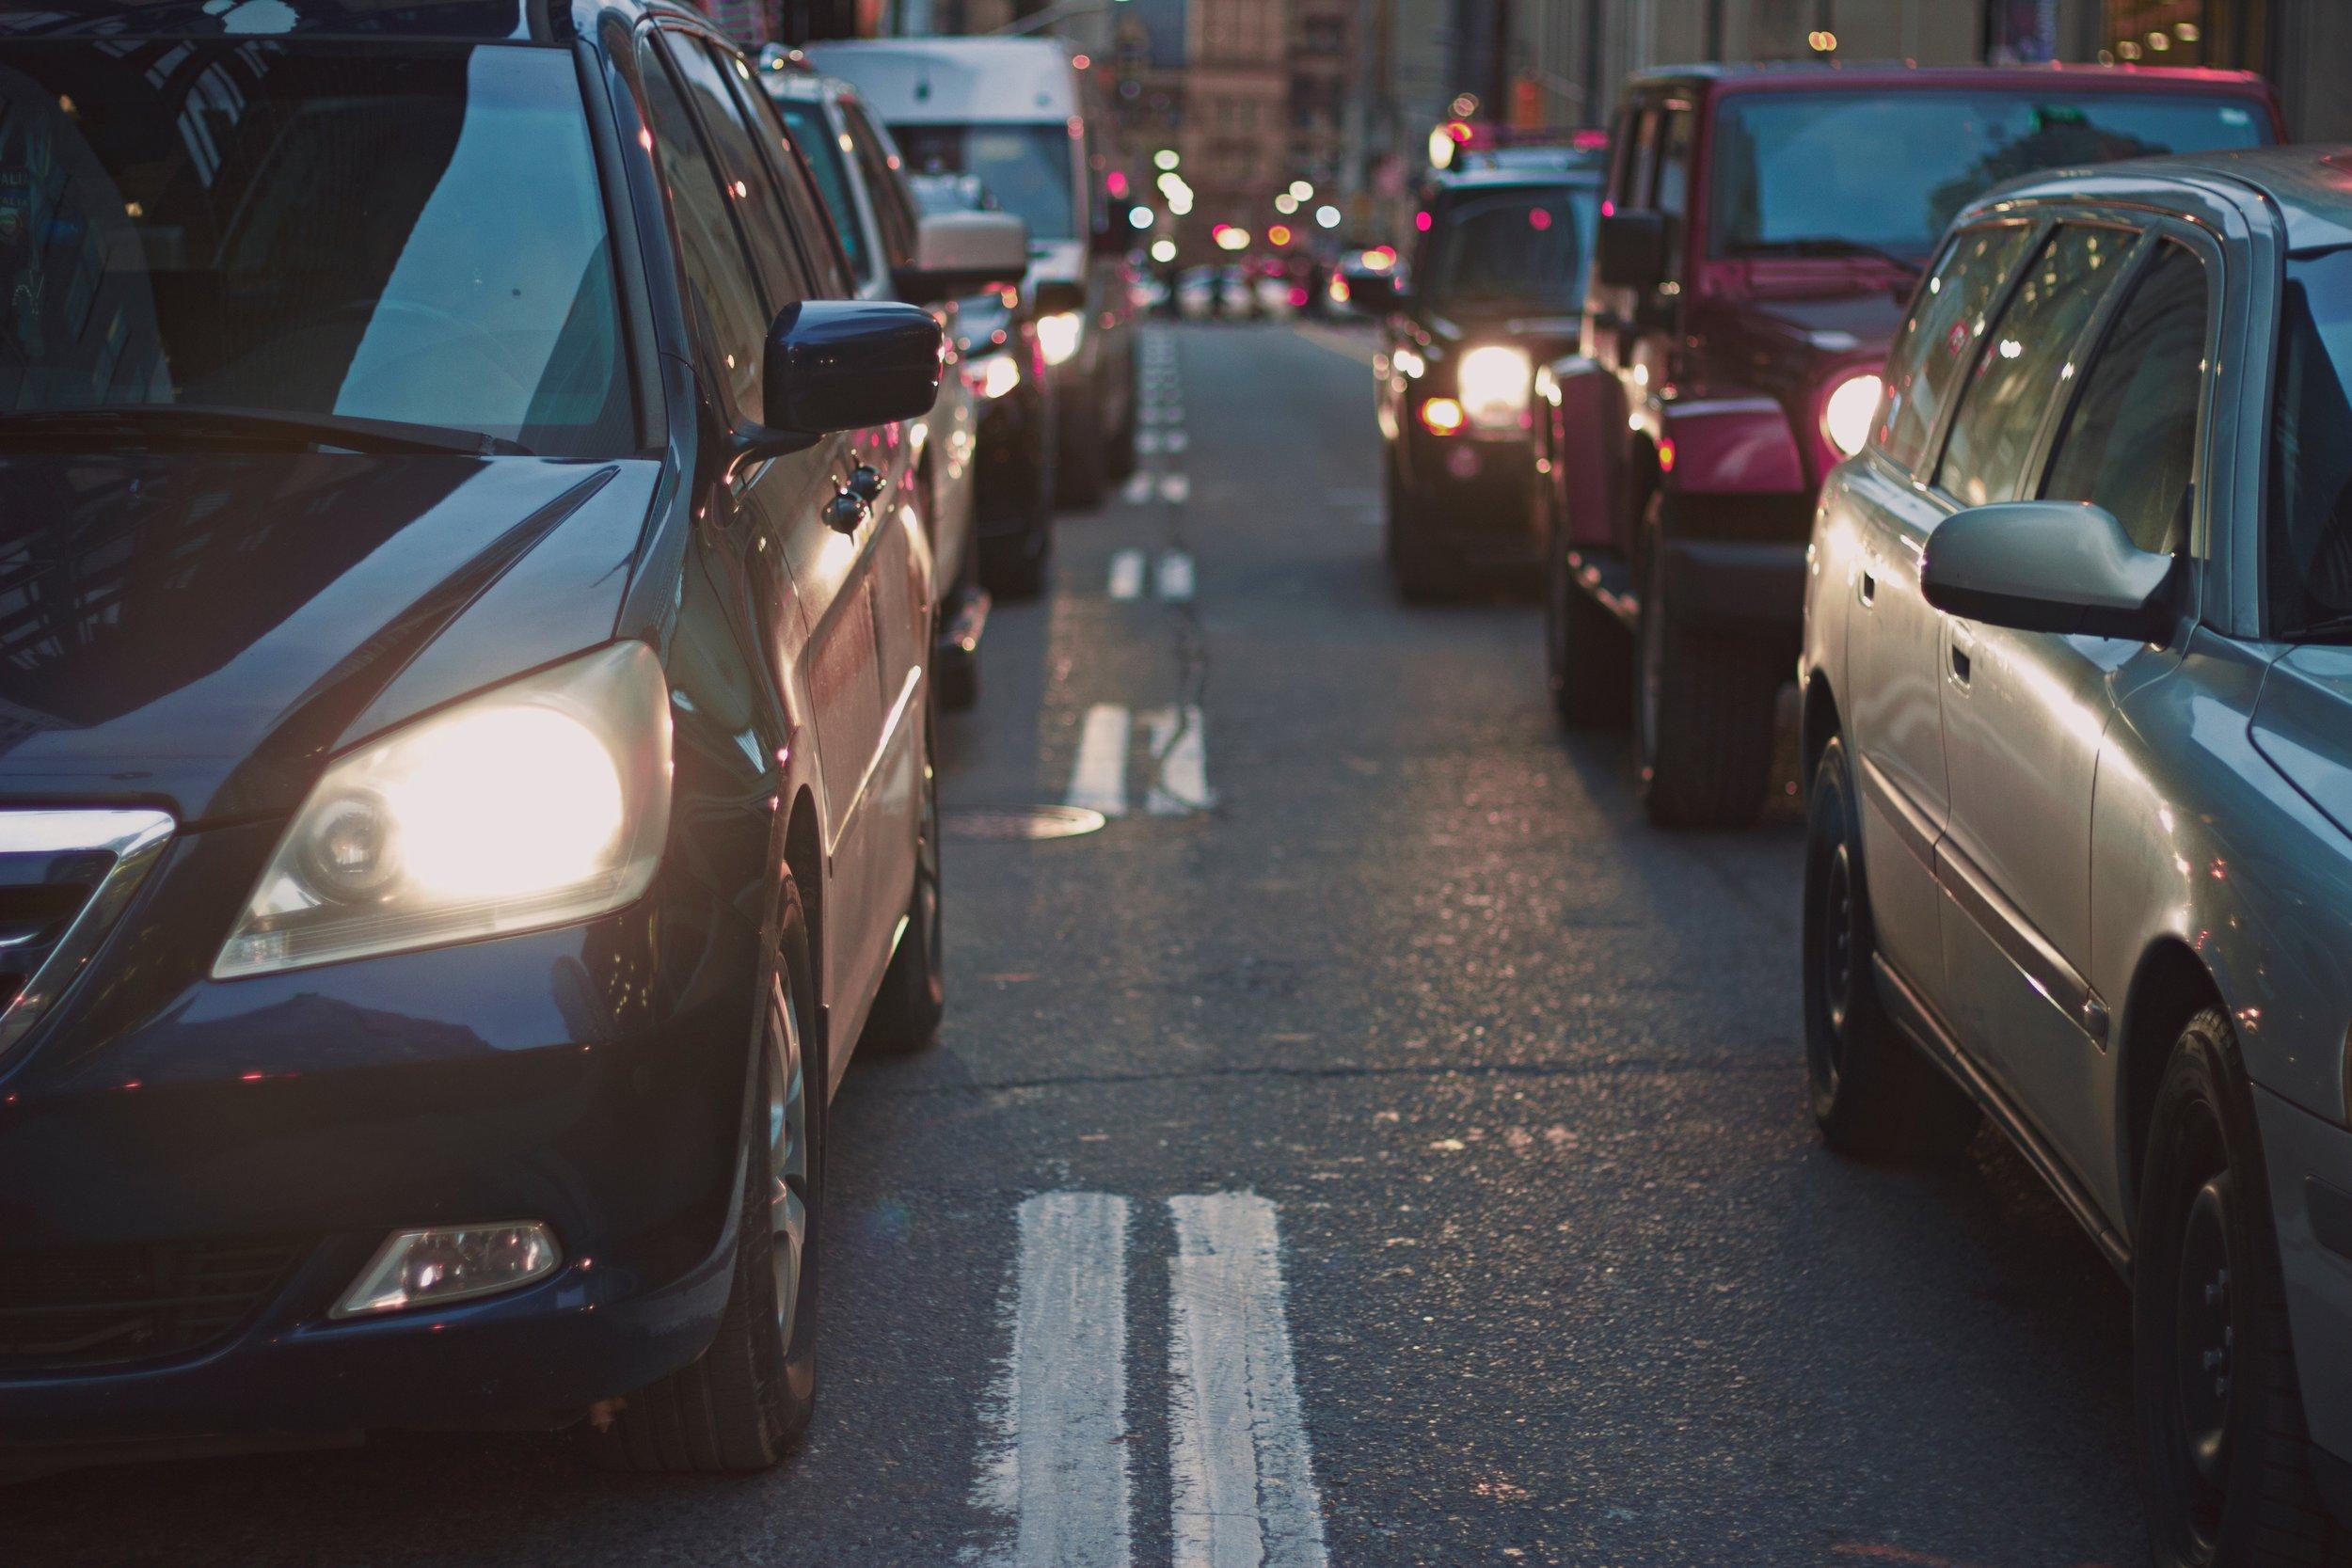 traffic 8 March 2017 A .jpg